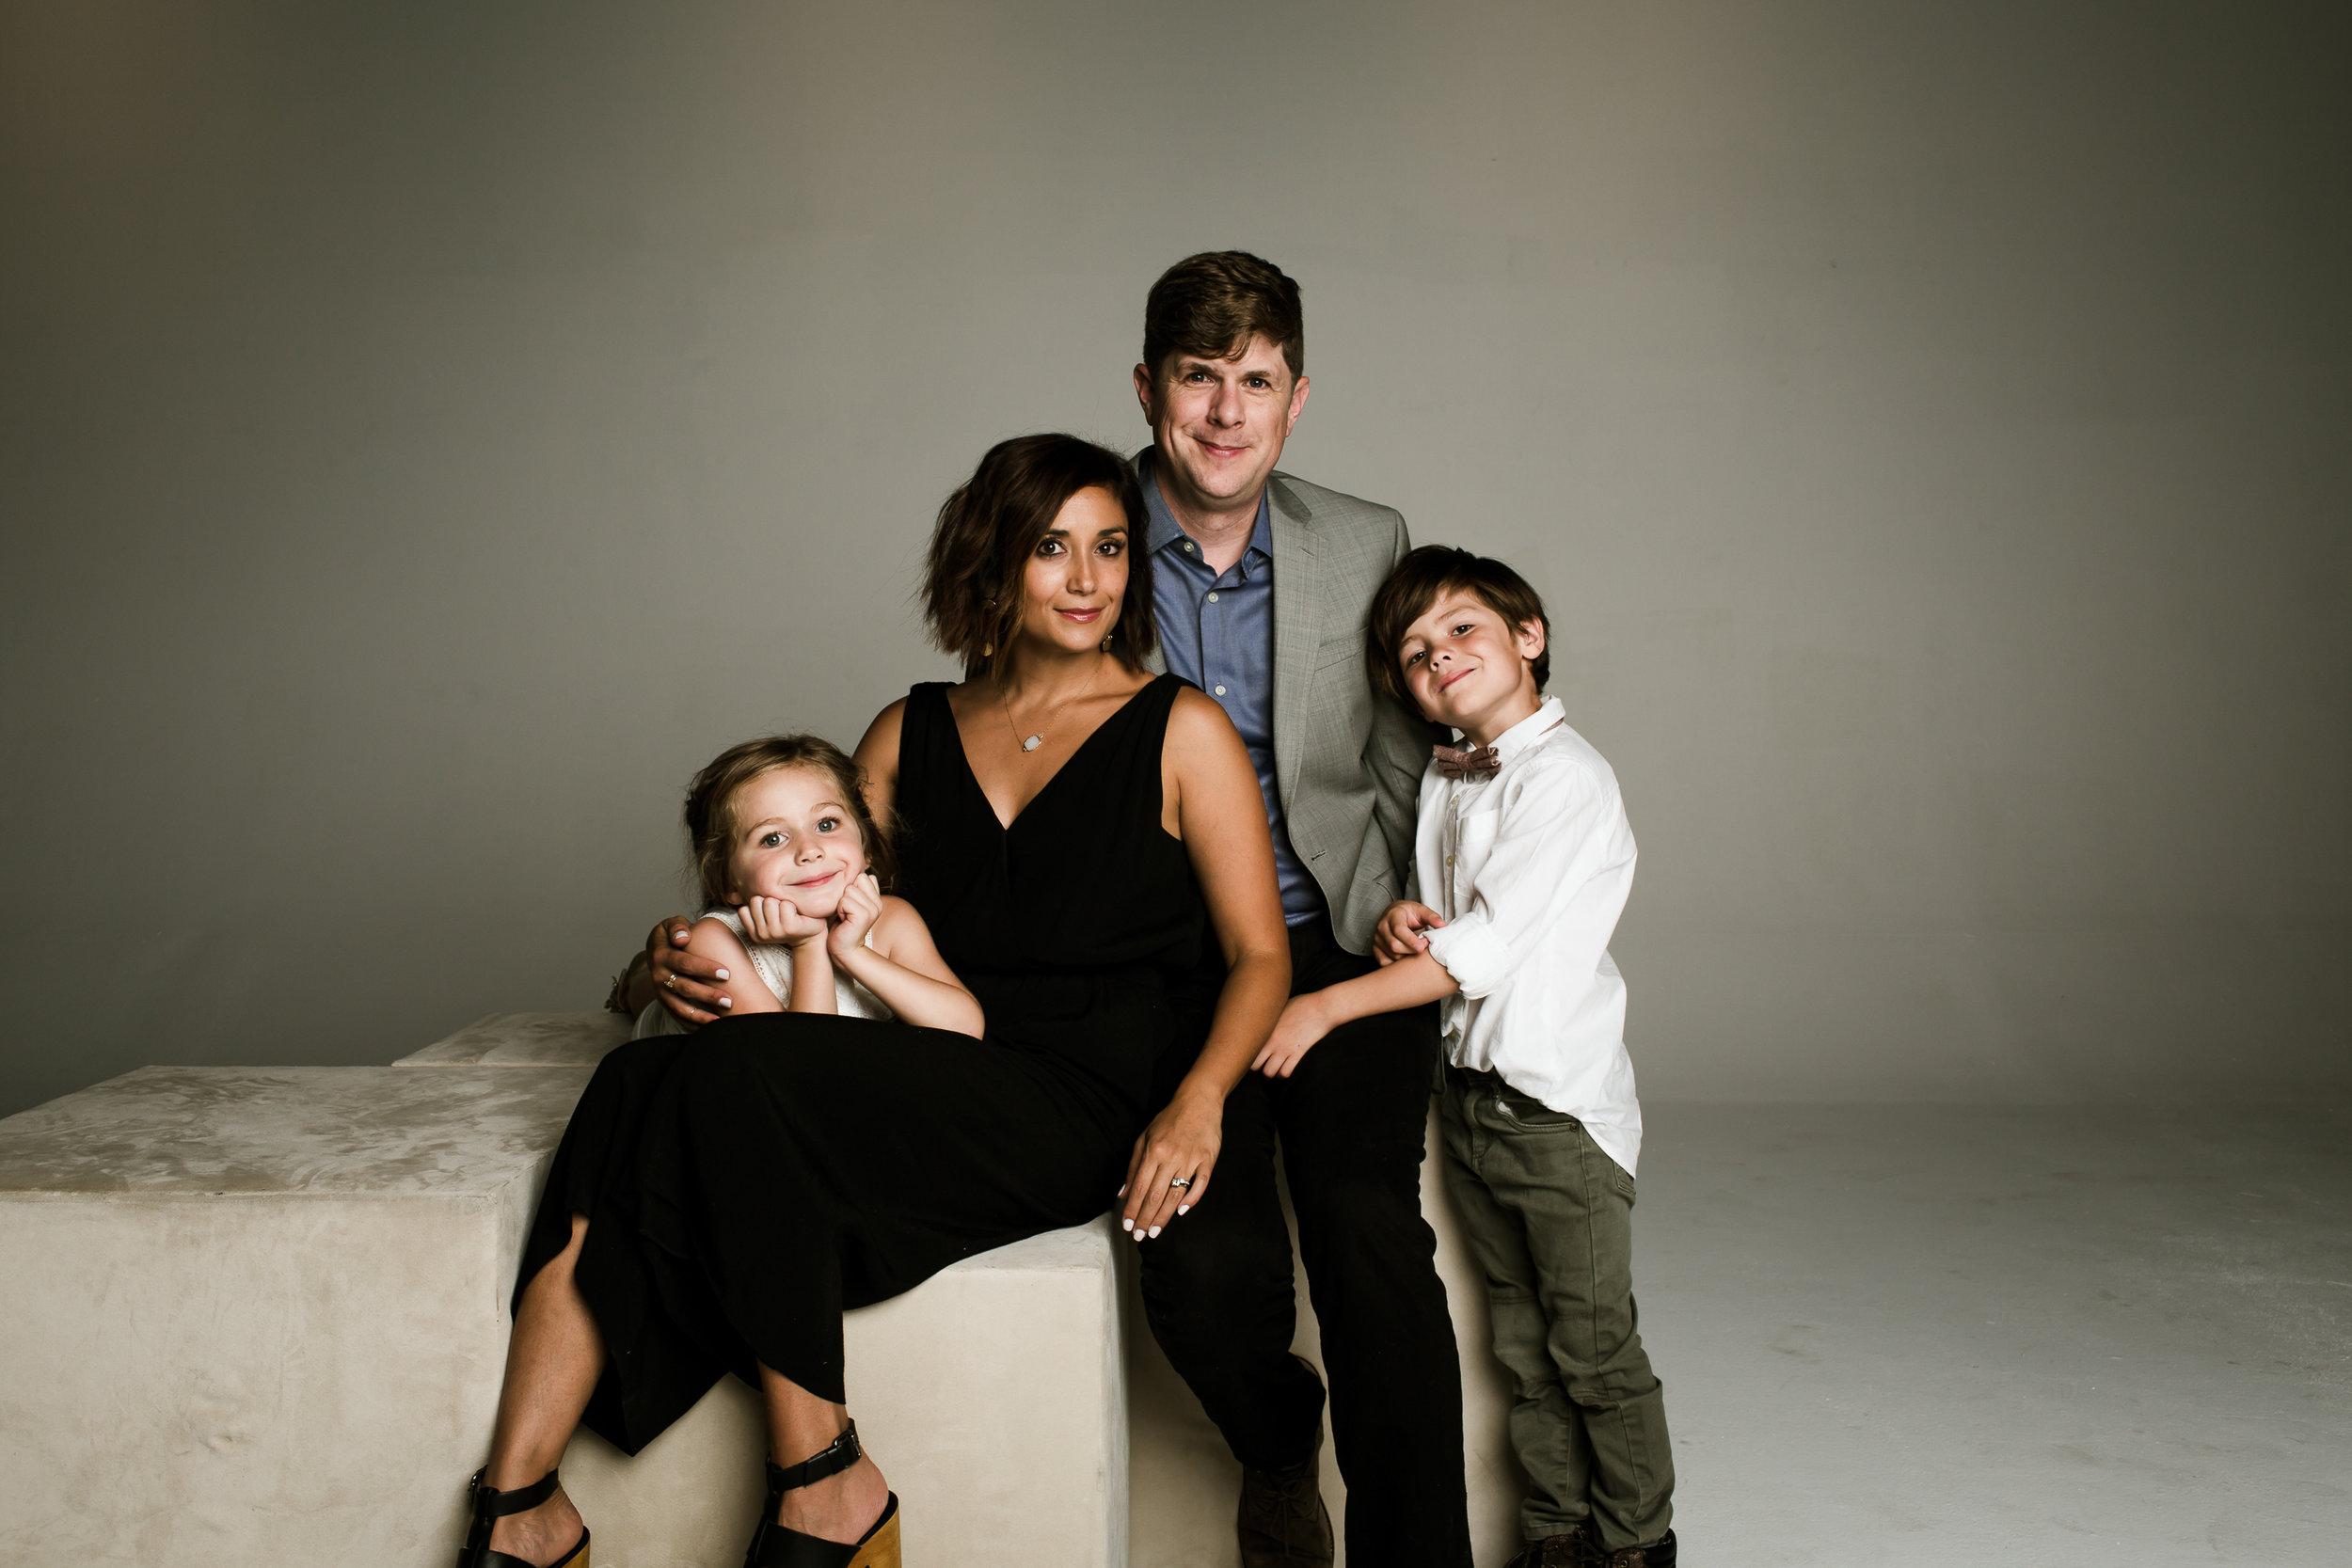 Gianna Keiko Atlanta Family Studio Portrait Photographer-4.jpg